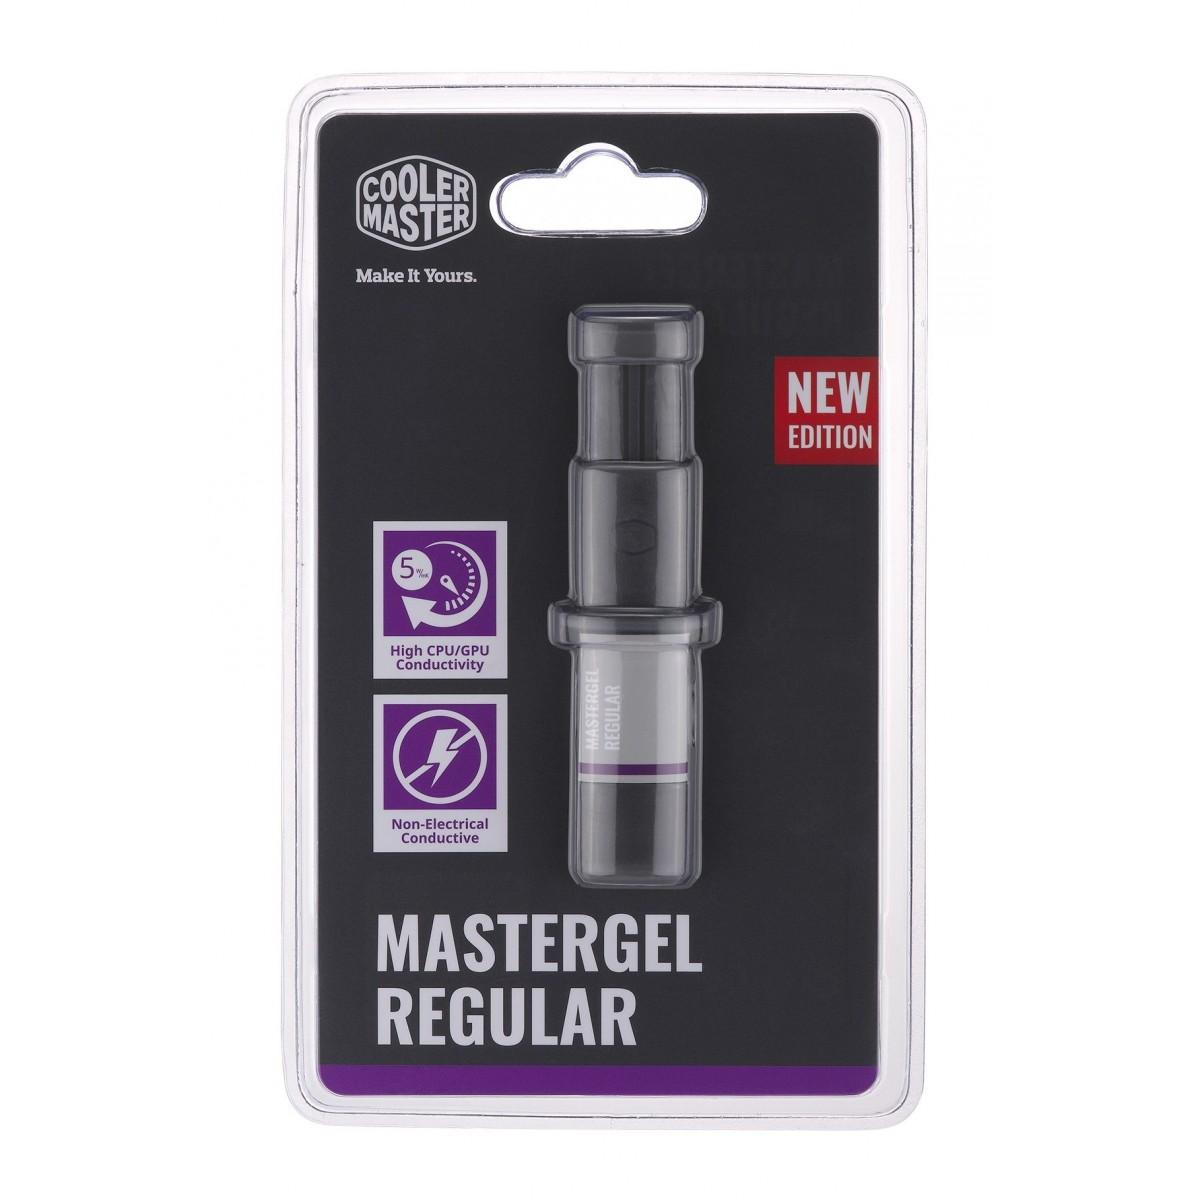 Pasta Térmica Mastergel Cooler Master, Regular, MGX-ZOSG-N15M-R2